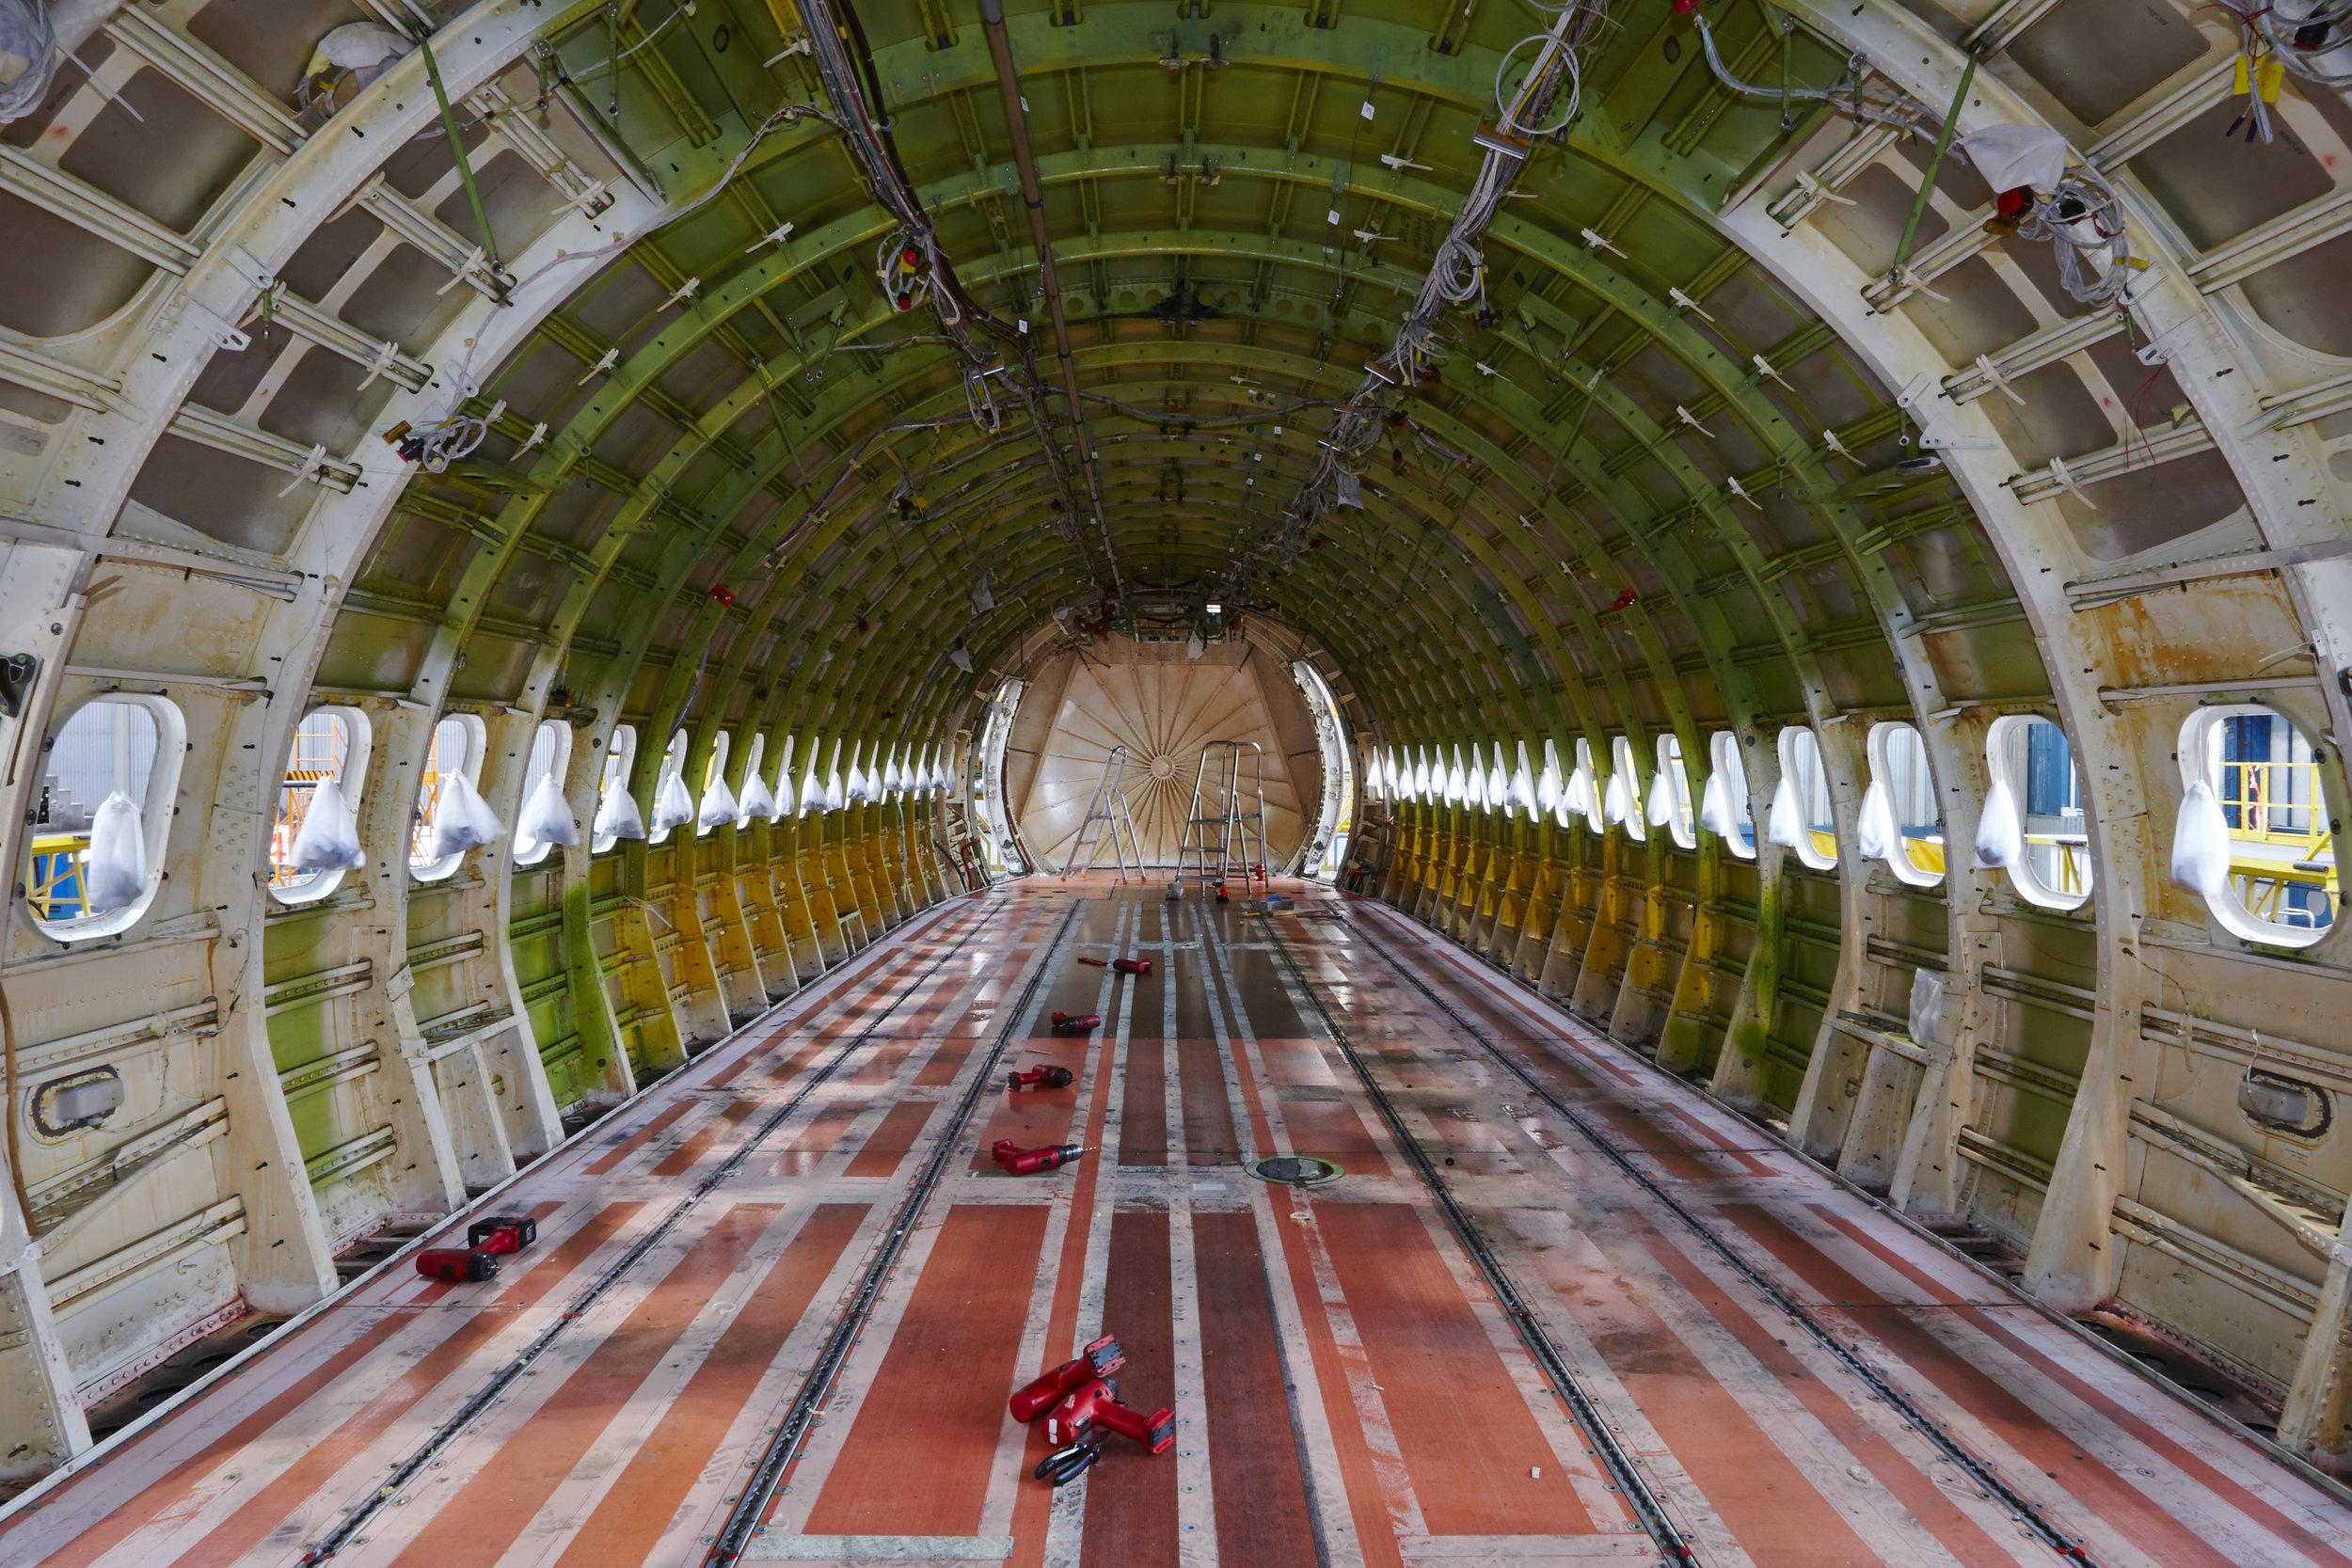 airplane-under-maintenance-P6A9NPW.jpg